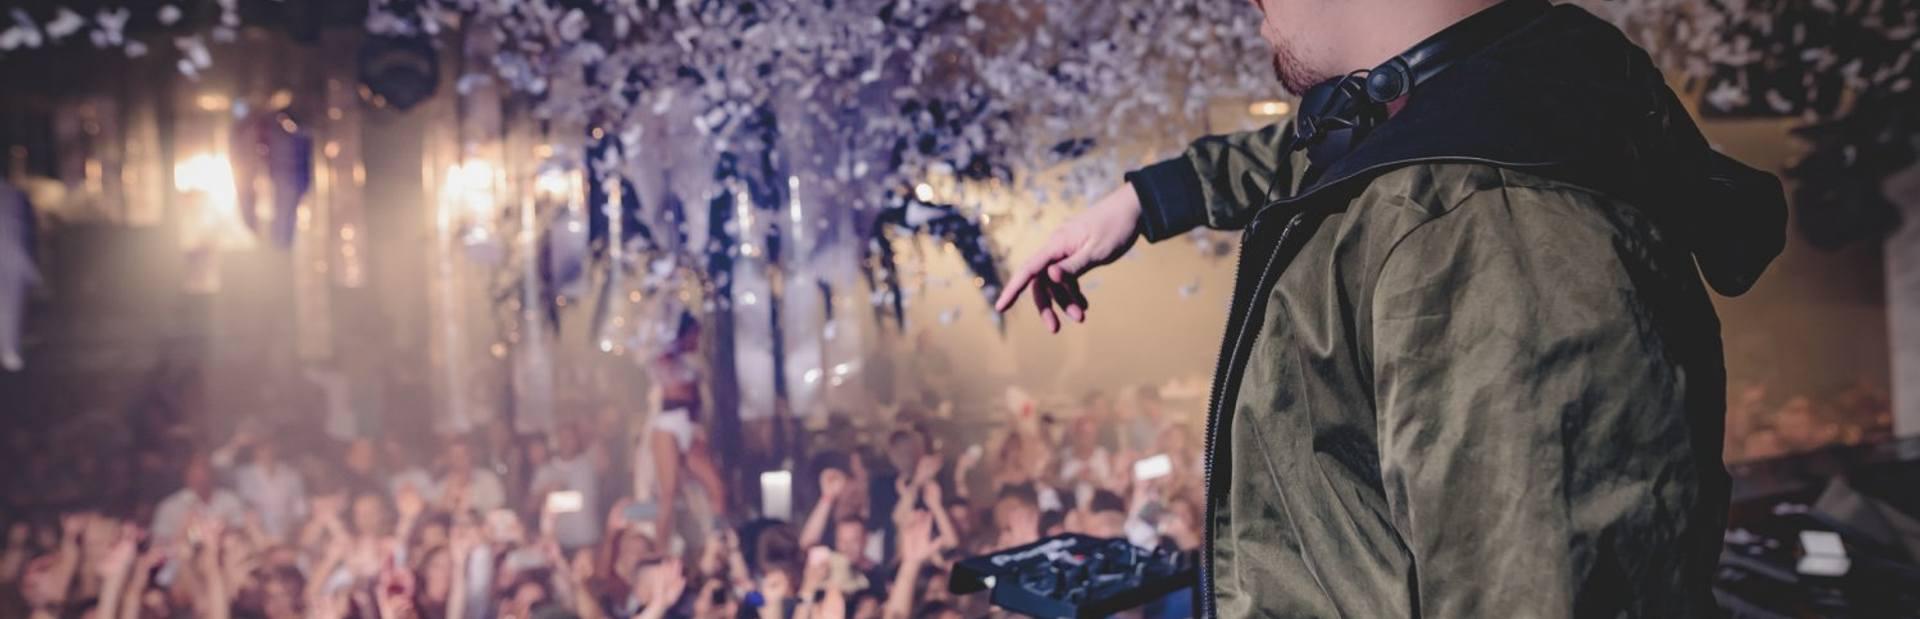 Pacha Ibiza Image 1